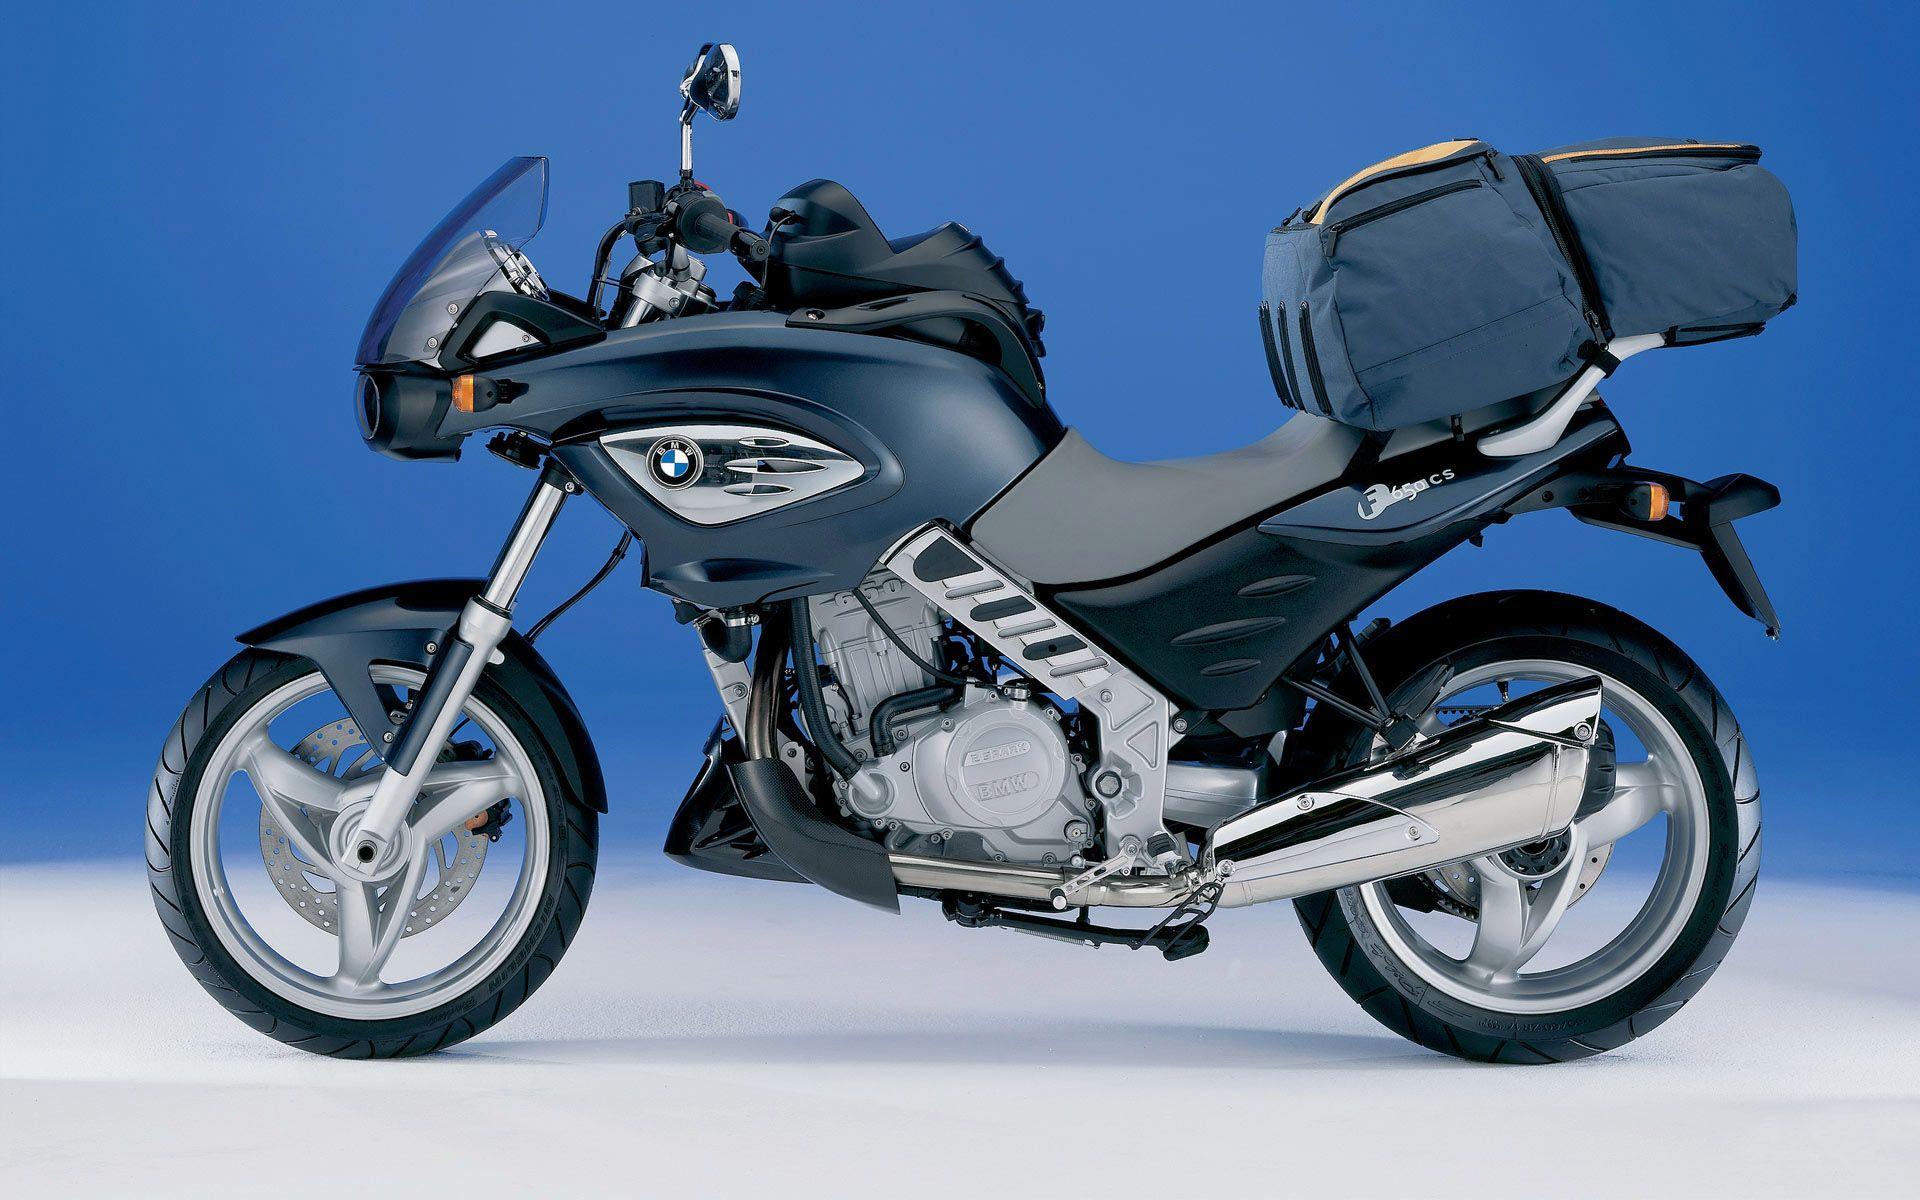 F 650 CS Bmw Motorbikes, Bmw Motorcycles, Bmw, Drama, Arch, Bmw